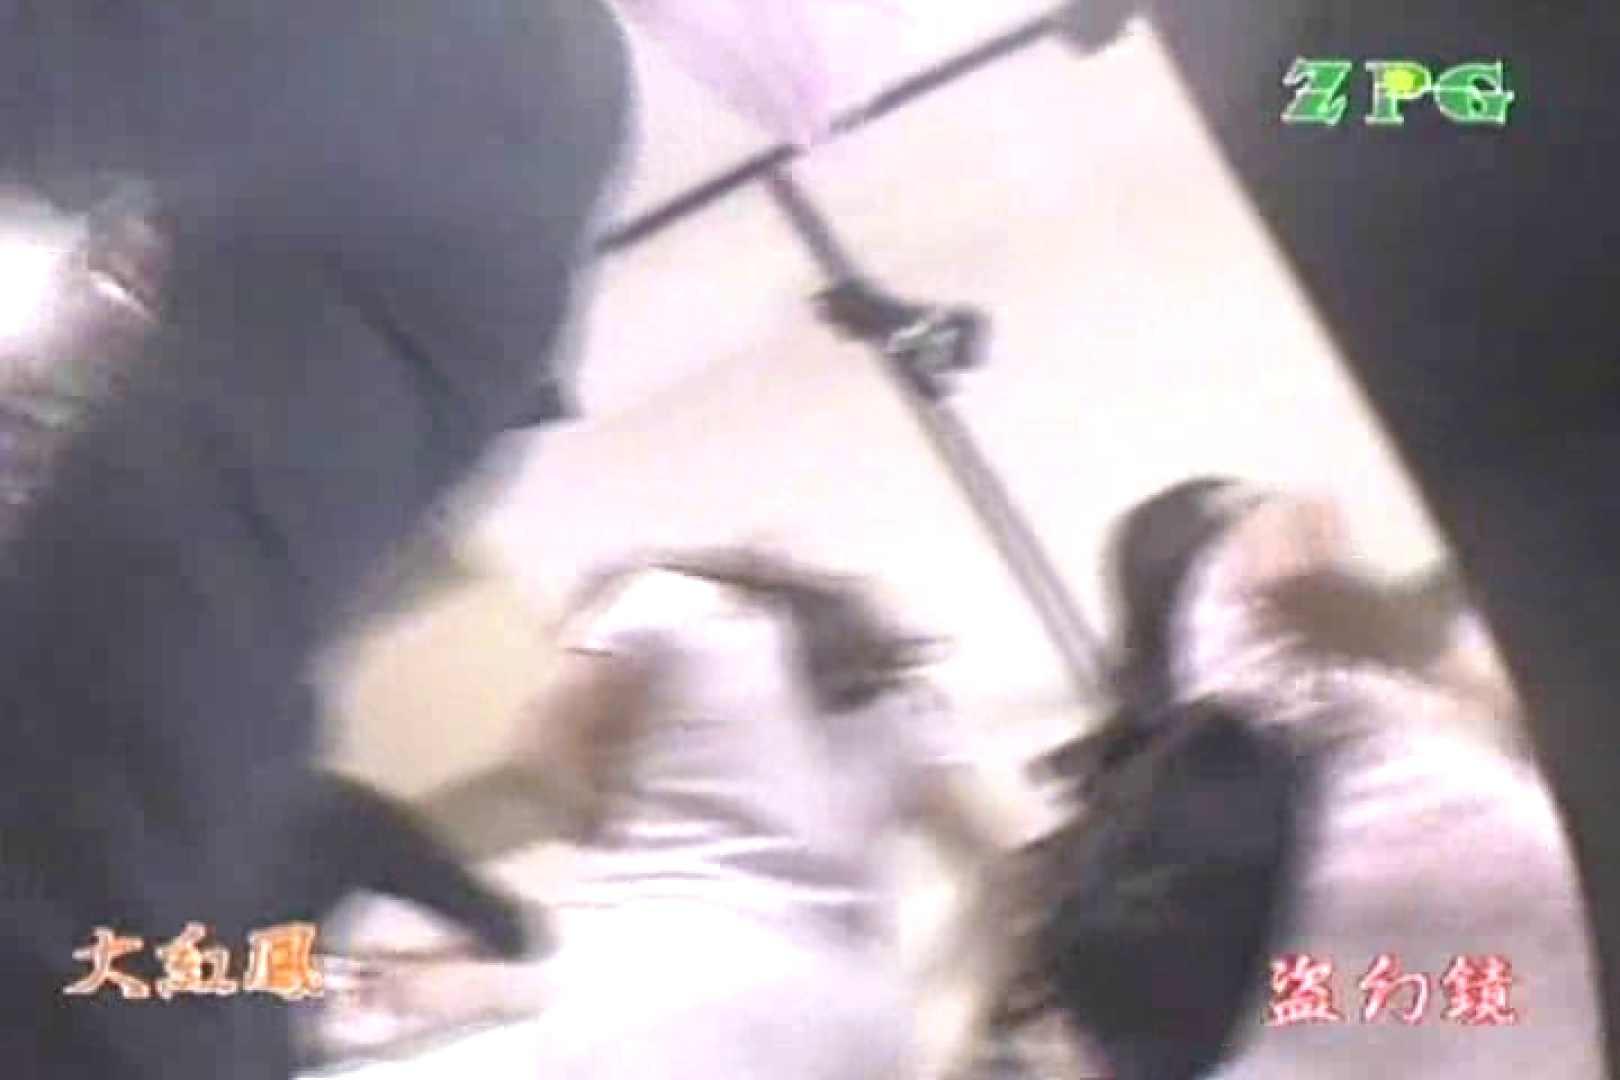 究極カリスマショップ逆さ撮り 完全保存版02 チラ  103画像 76